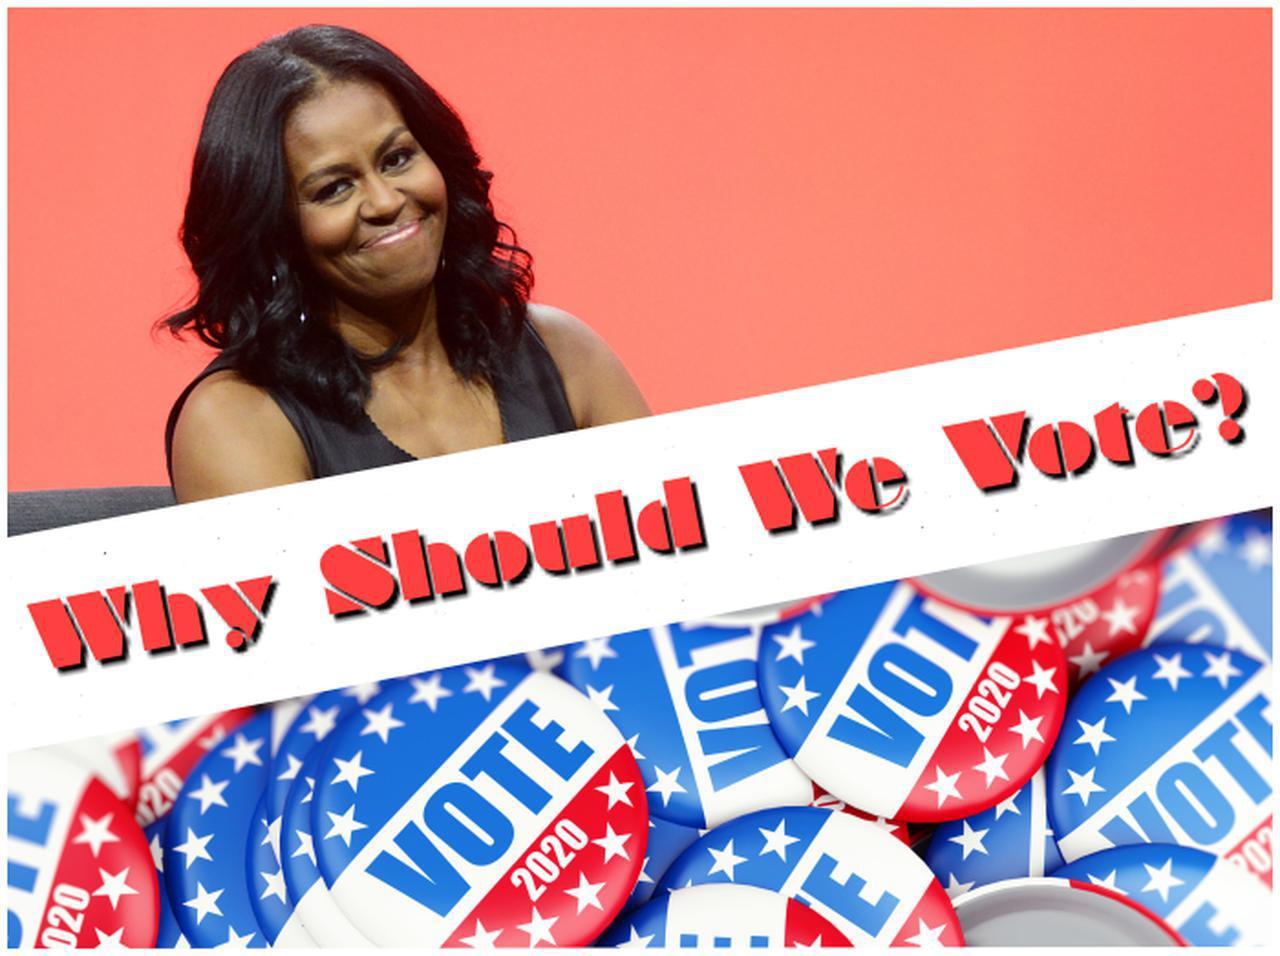 画像: 選挙に行かない&政治に興味ない人へ、あなたは「この質問」にどう答える? - フロントロウ -海外セレブ情報を発信